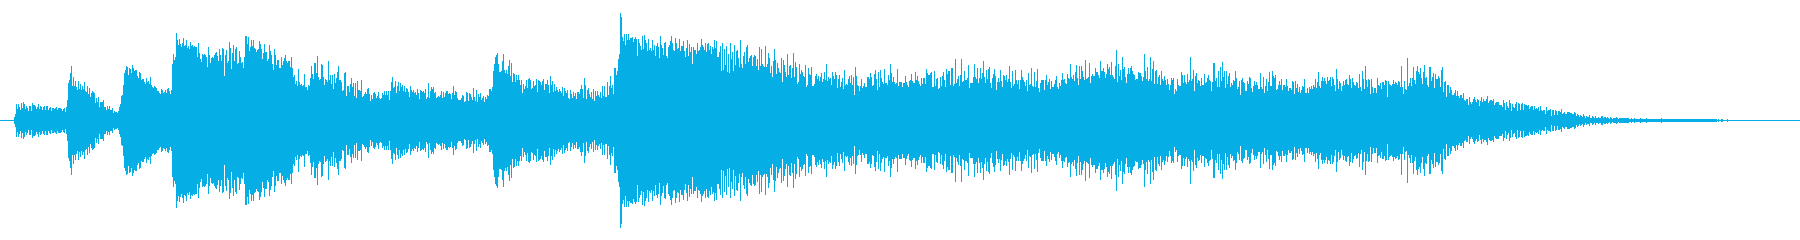 ハープとストリングスのジングル4の再生済みの波形